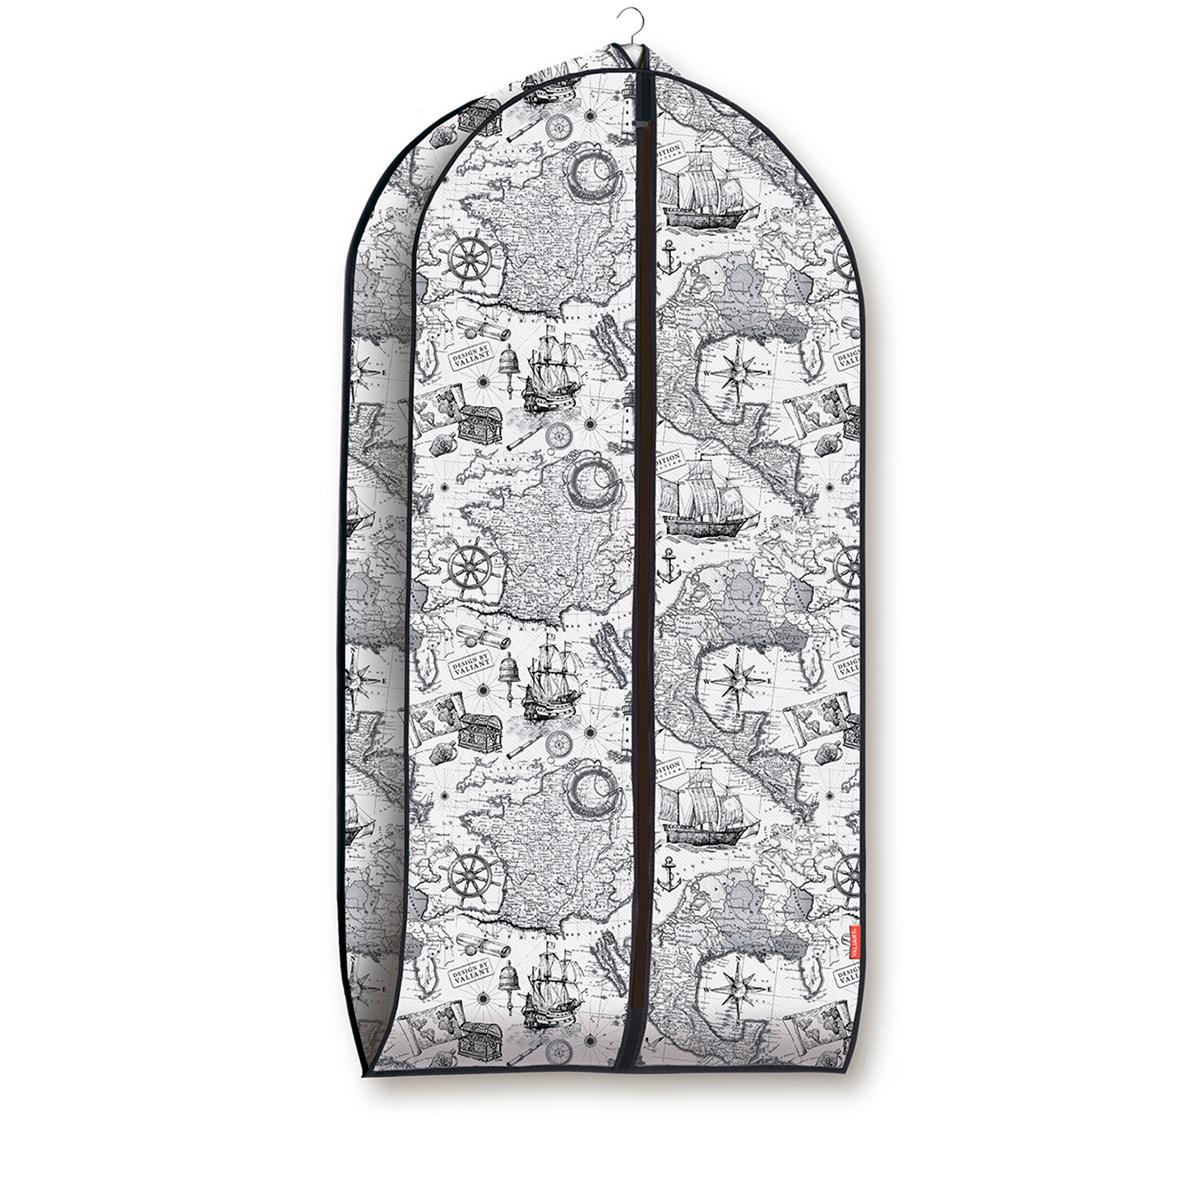 Чехол для одежды Valiant Expedition, объемный, 60 х 100 х 10 смEX-CV-100Чехол для одежды Valiant Expedition изготовлен из высококачественного нетканого материала, который обеспечивает естественную вентиляцию, позволяя воздуху проникать внутрь, но не пропускает пыль. Чехол очень удобен в использовании. Наличие боковой вставки увеличивает объем чехла, что позволяет хранить крупные объемные вещи. Чехол легко открывается и закрывается застежкой-молнией. Идеально подойдет для хранения одежды и удобной перевозки. Оригинальный монохромный дизайн Expedition погружает в романтическую атмосферу морских экспедиций, дальних странствий и географических открытий. Система хранения станет стильным акцентом в современном гардеробе.